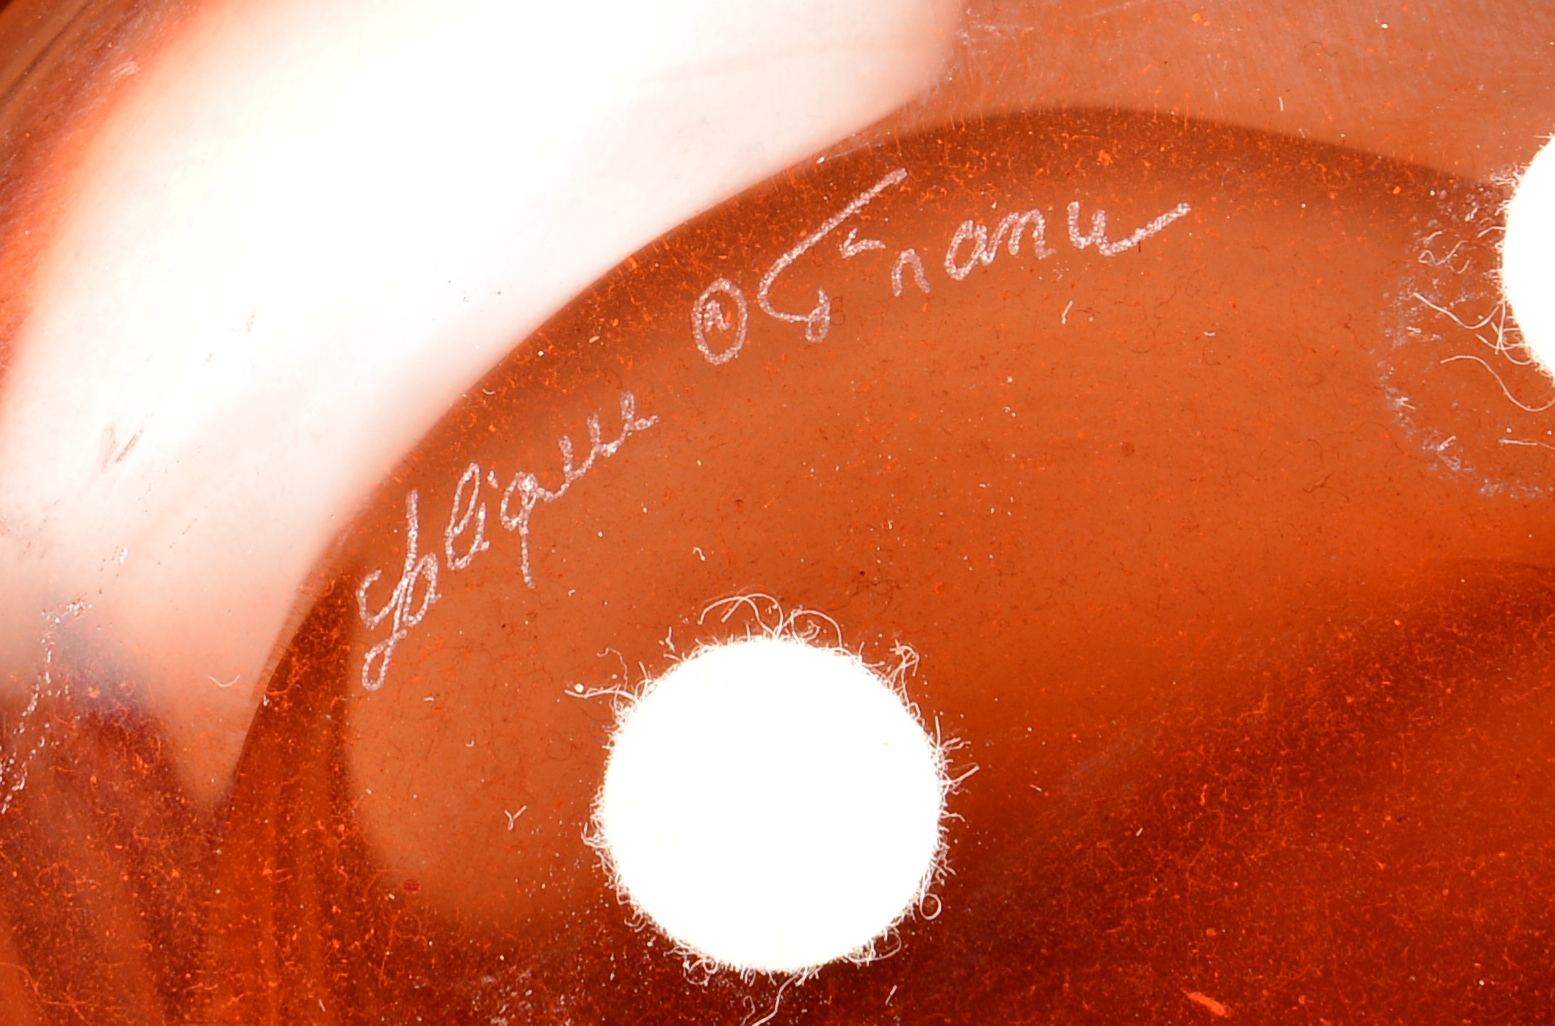 Lot 4010157: 3 Pieces of Art Glass incl. Lalique